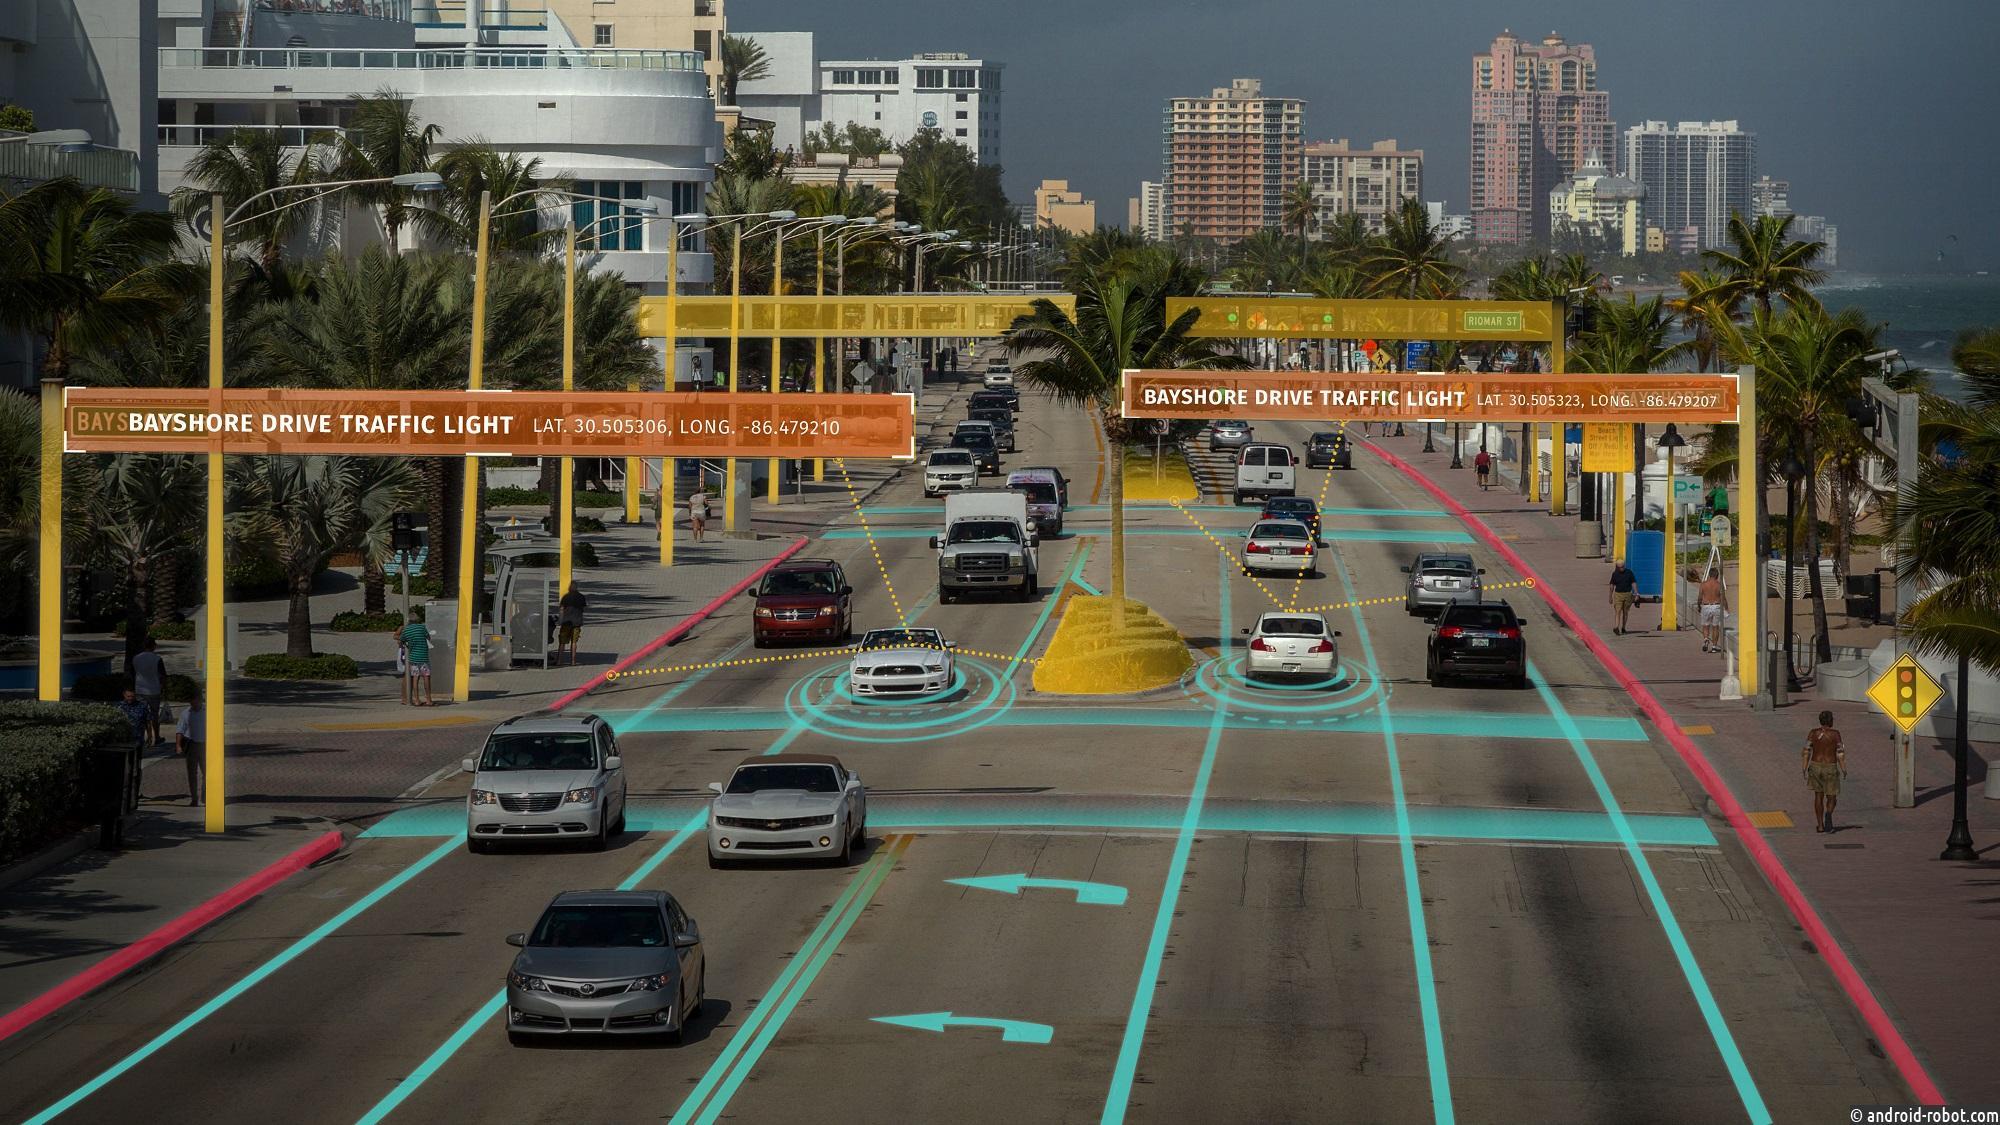 LG объявила о сотрудничестве с мировым поставщиком услуг цифровой картографии